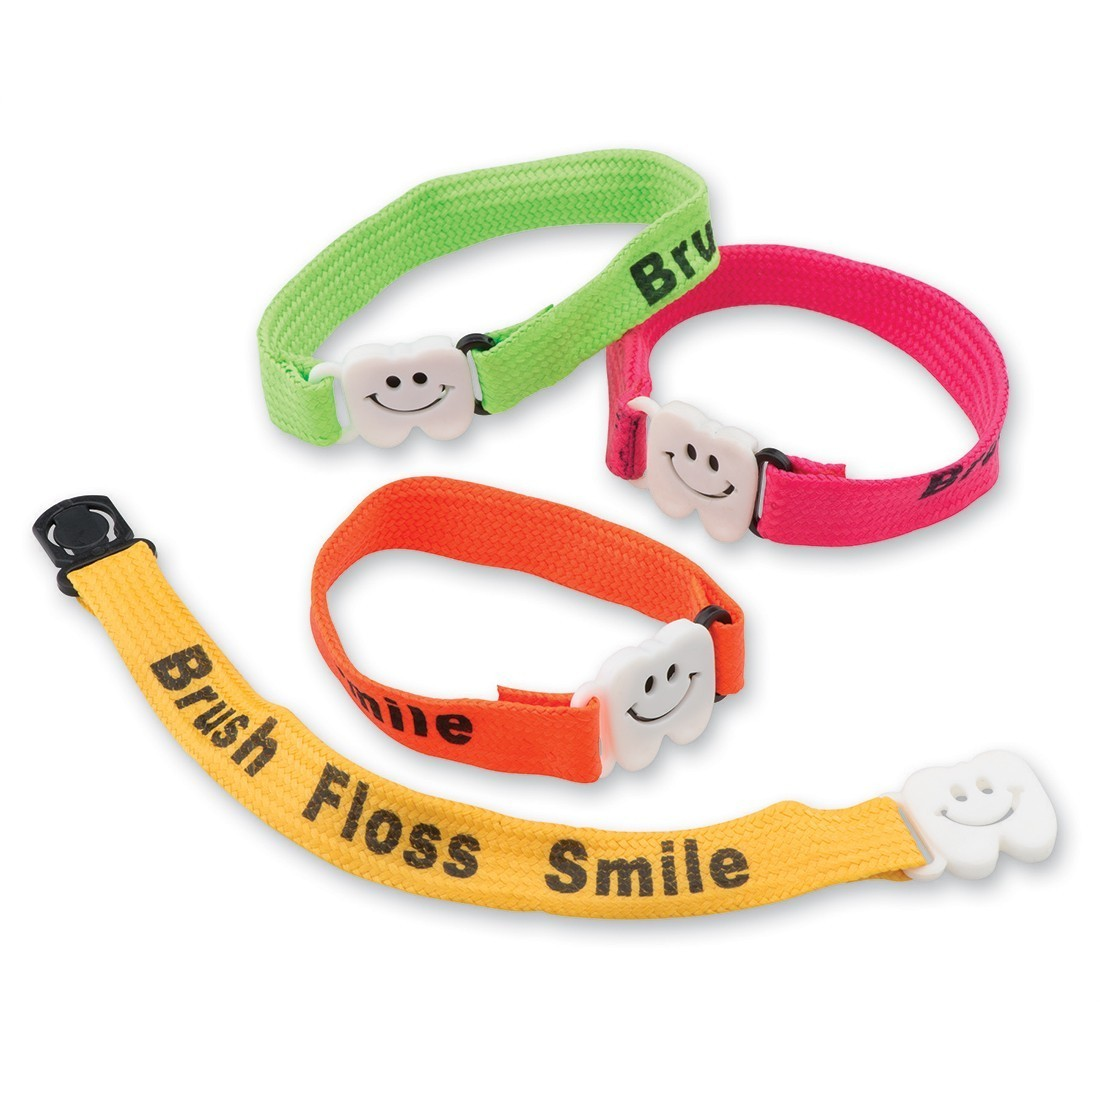 Brush, Floss, Smile Clip Bracelets [image]